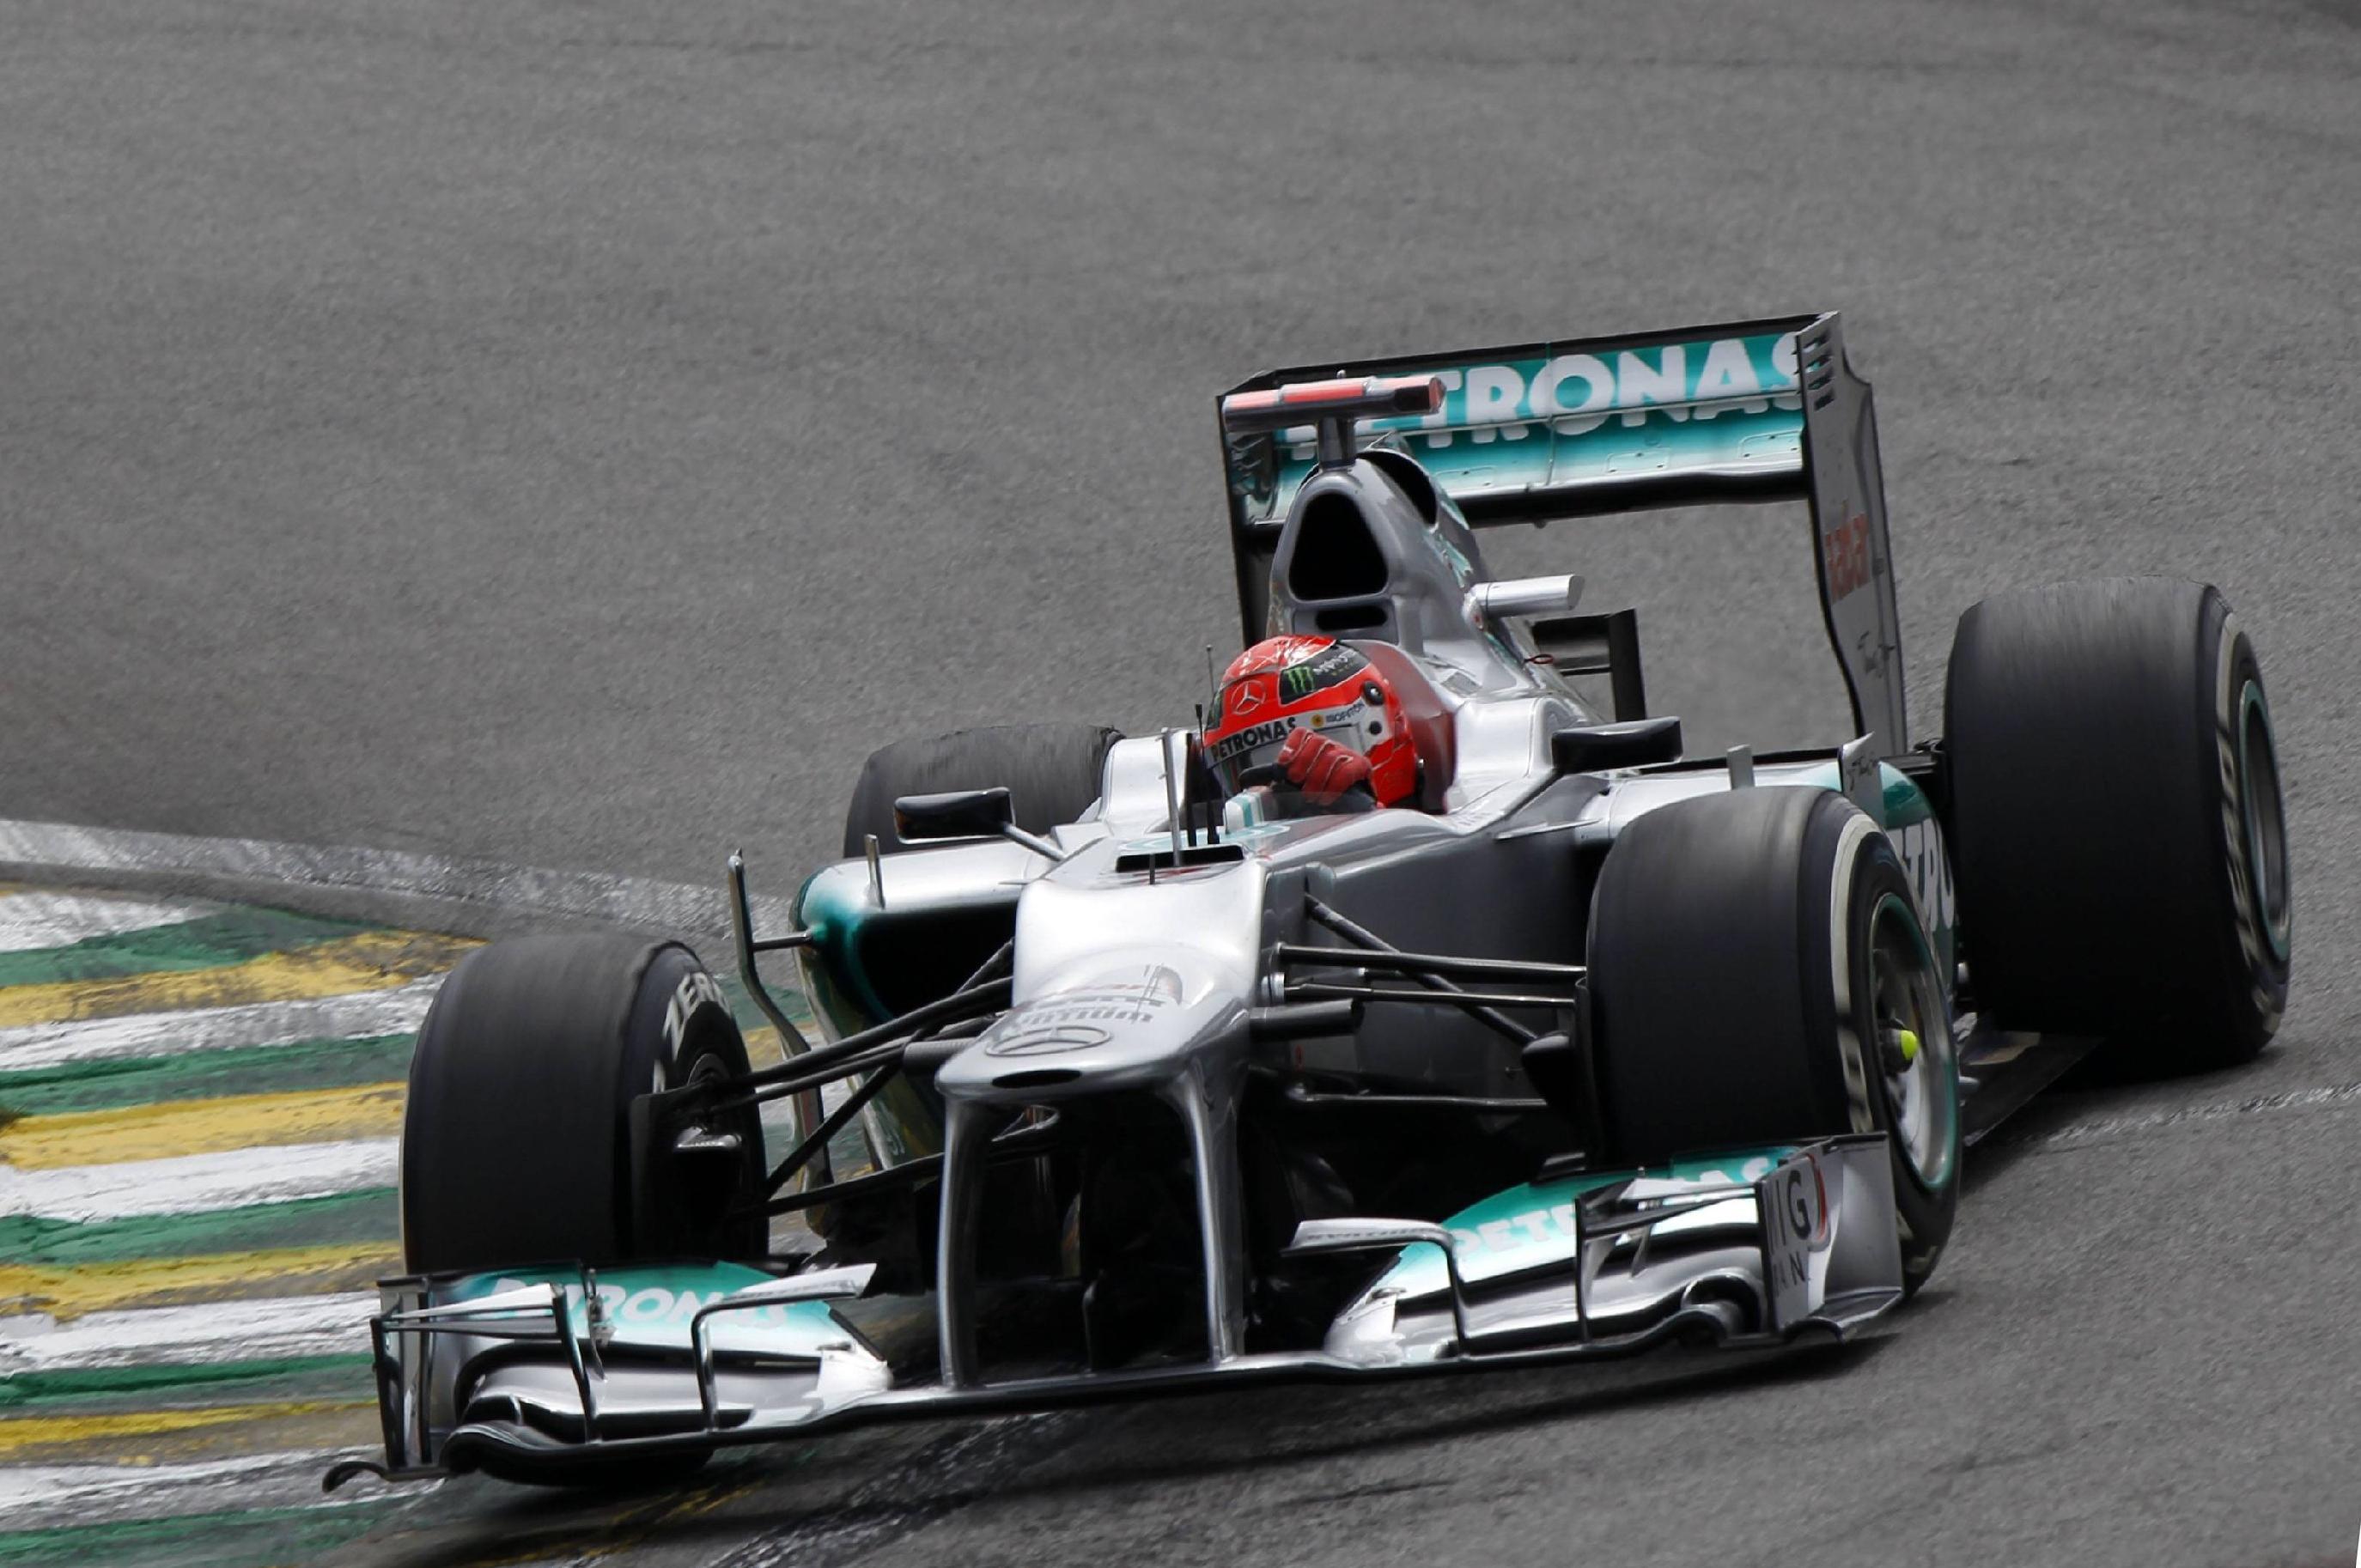 Михаэль Шумахер в составе Mercedes на Гран-при Бразилии 2012 года, своей последней гонке в Формуле-1